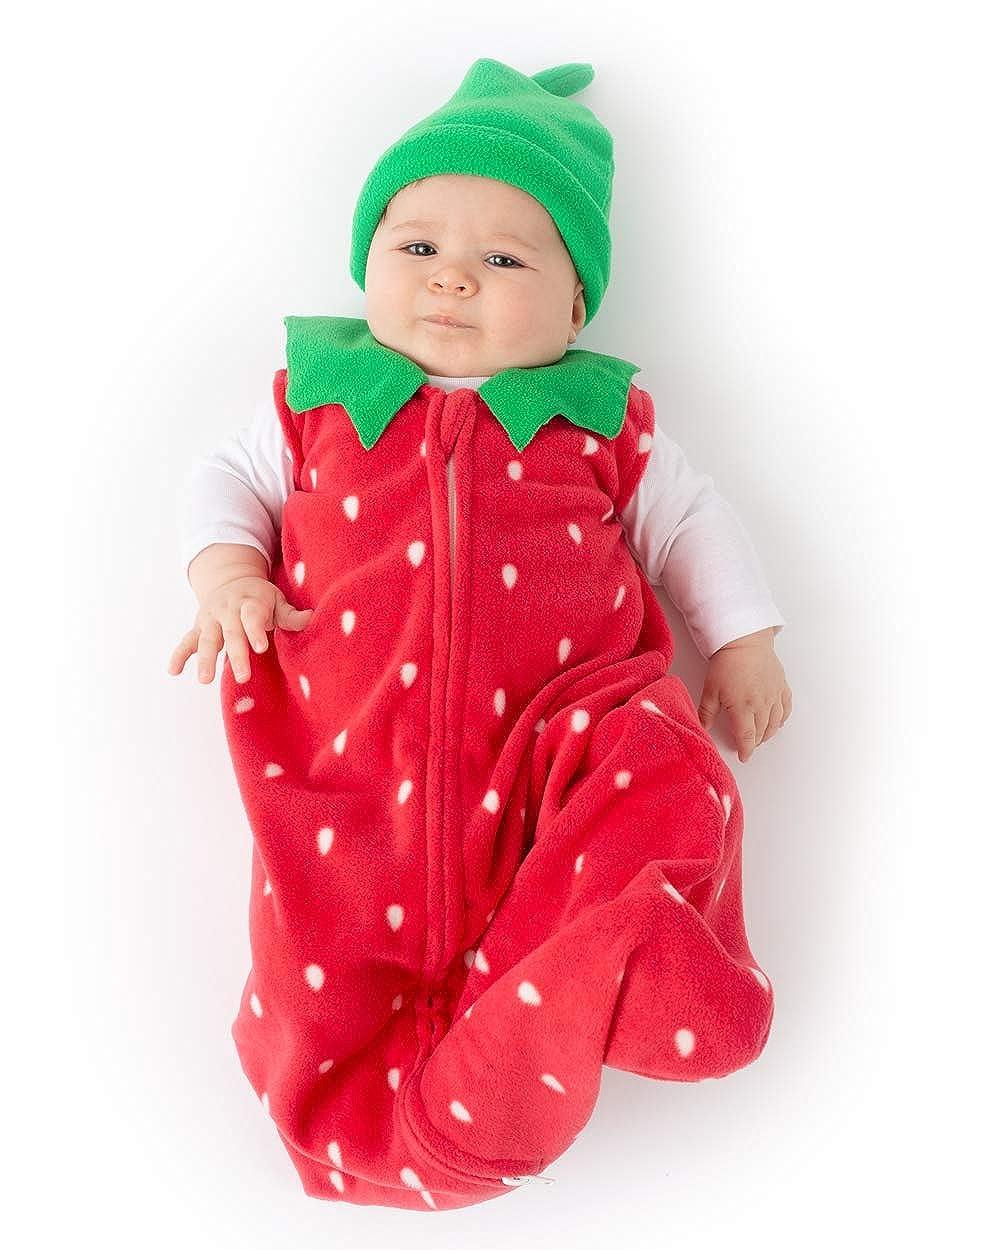 Cuddle Club Sacos de Dormir de Forro Polar para beb/é Pijama beb/é Tipo Saco de Dormir Pijama Manta beb/é para reci/én Nacido